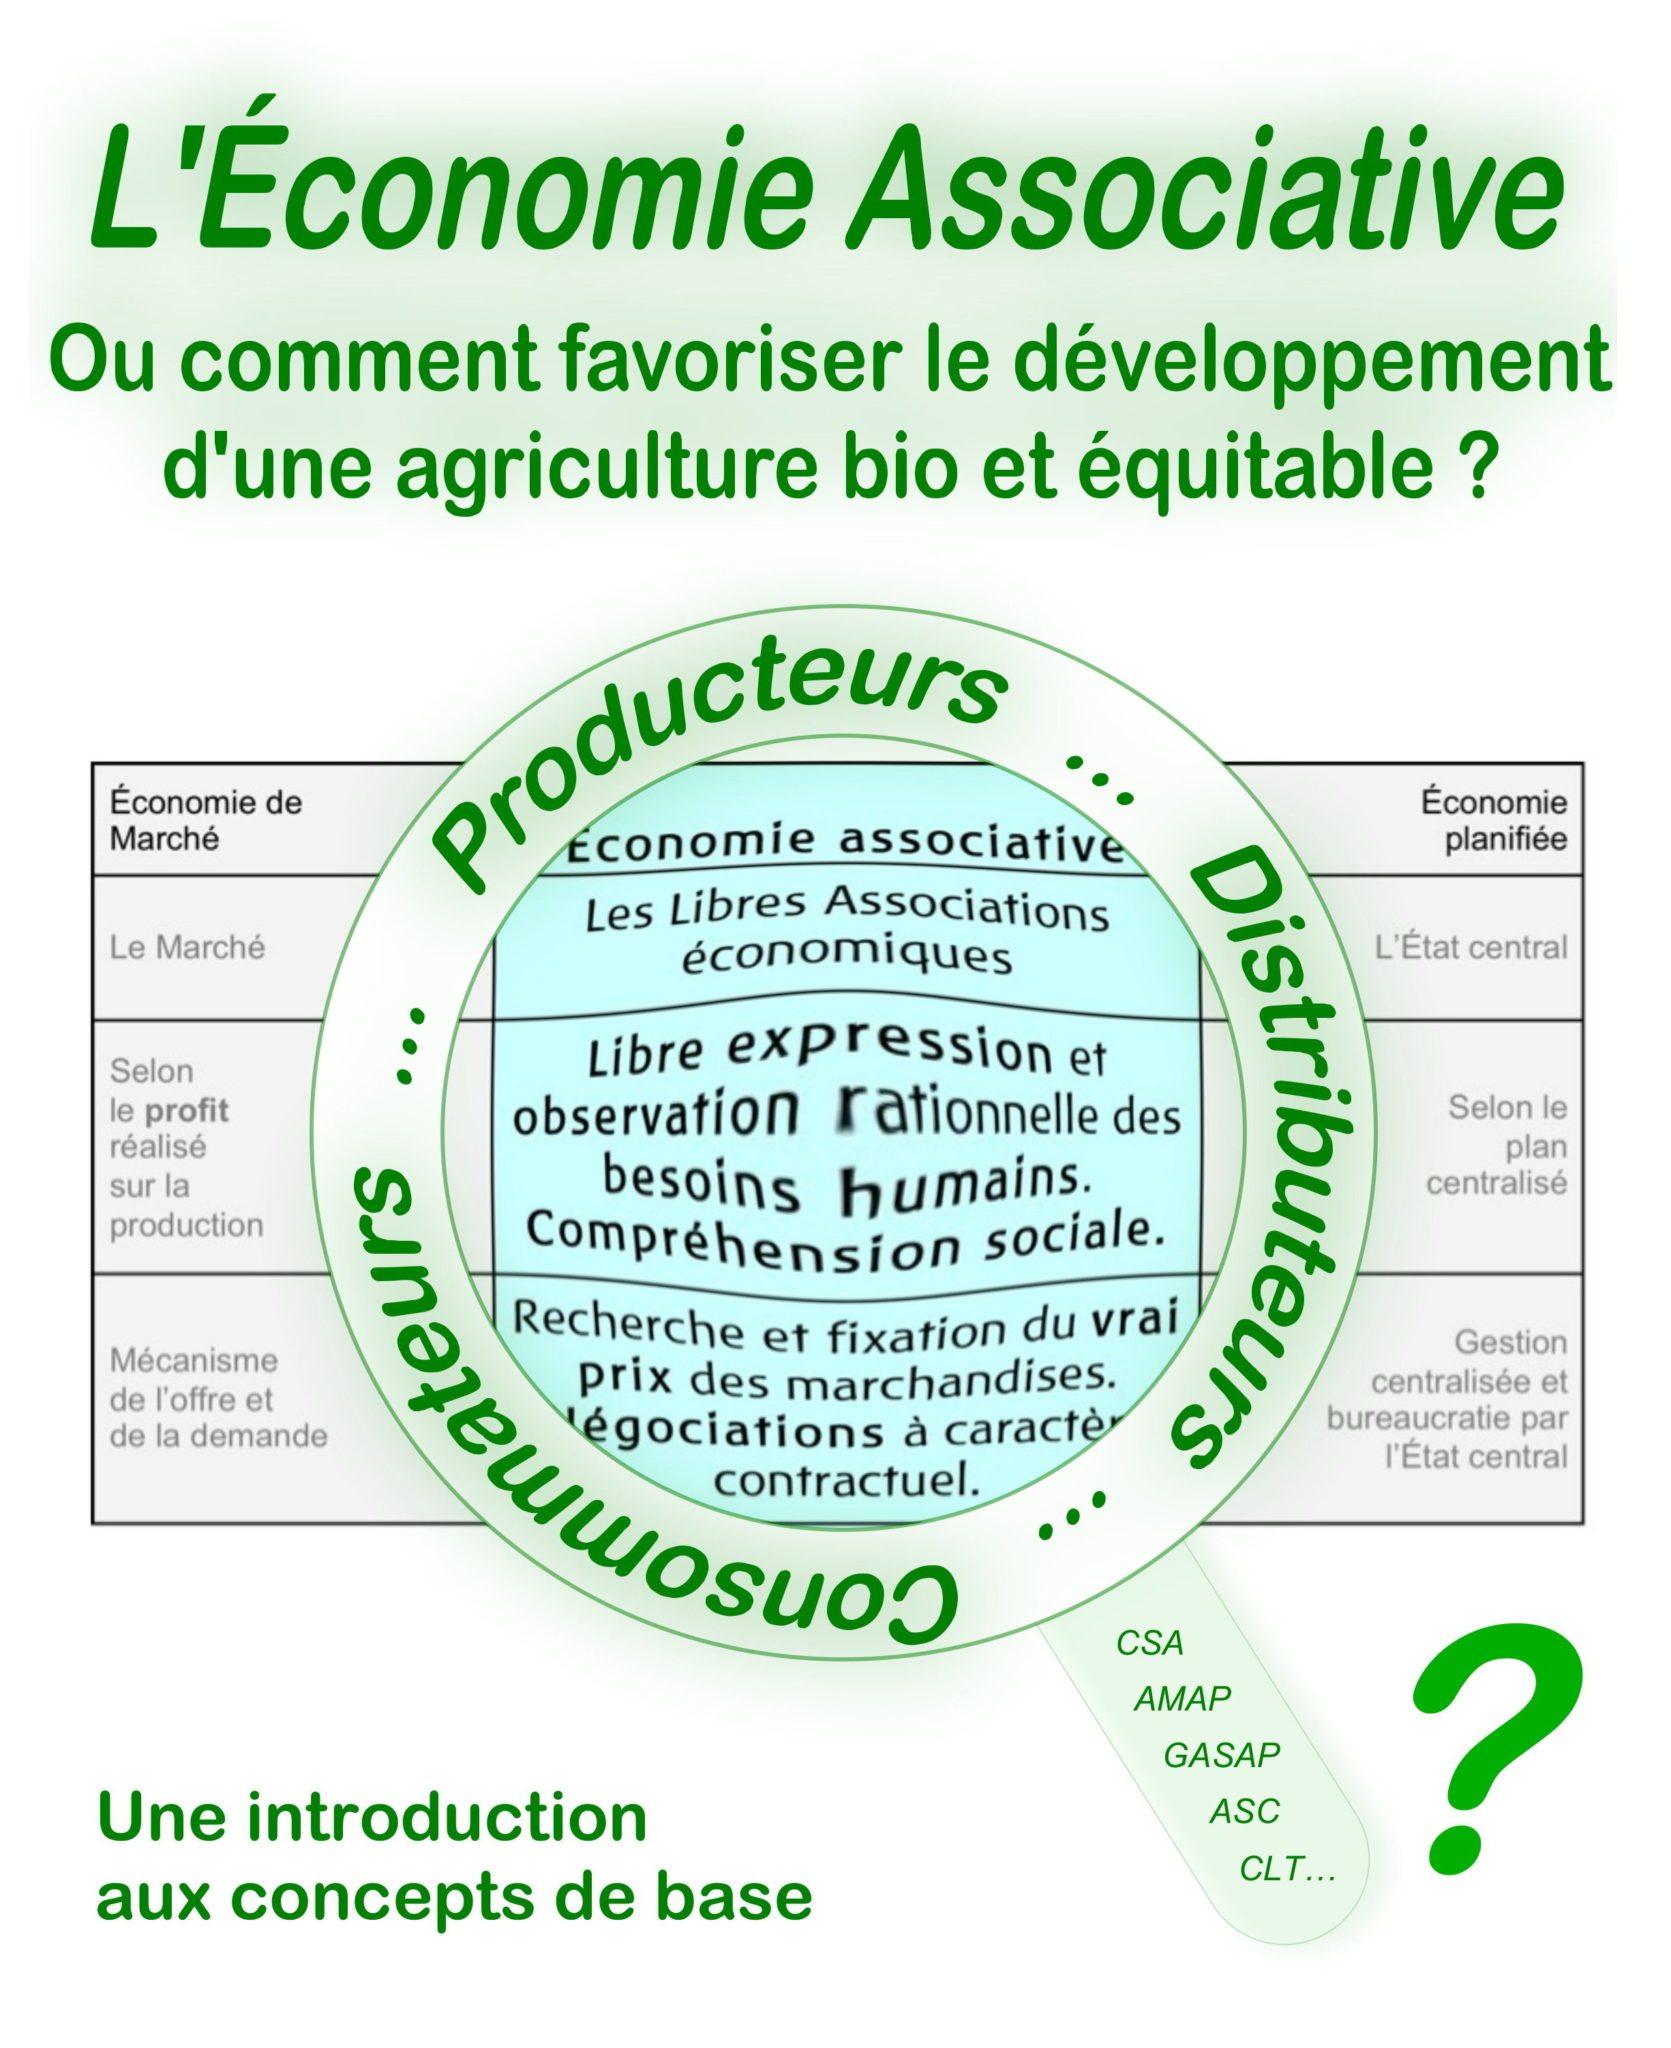 L'économie associative